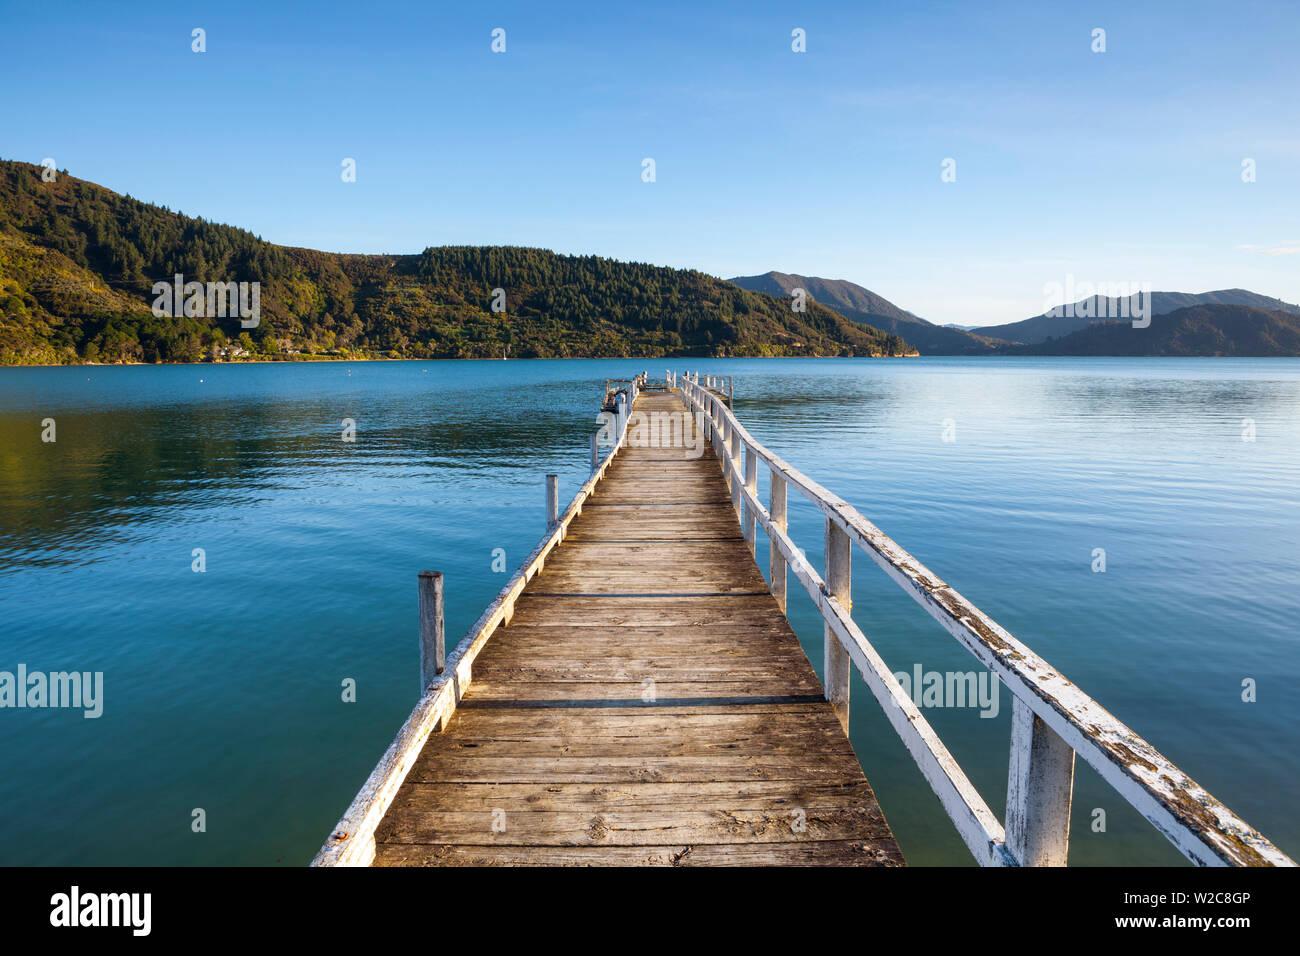 Quai pittoresque dans l'idyllique Kenepuru Sound, Marlborough Sounds, île du Sud, Nouvelle-Zélande Banque D'Images